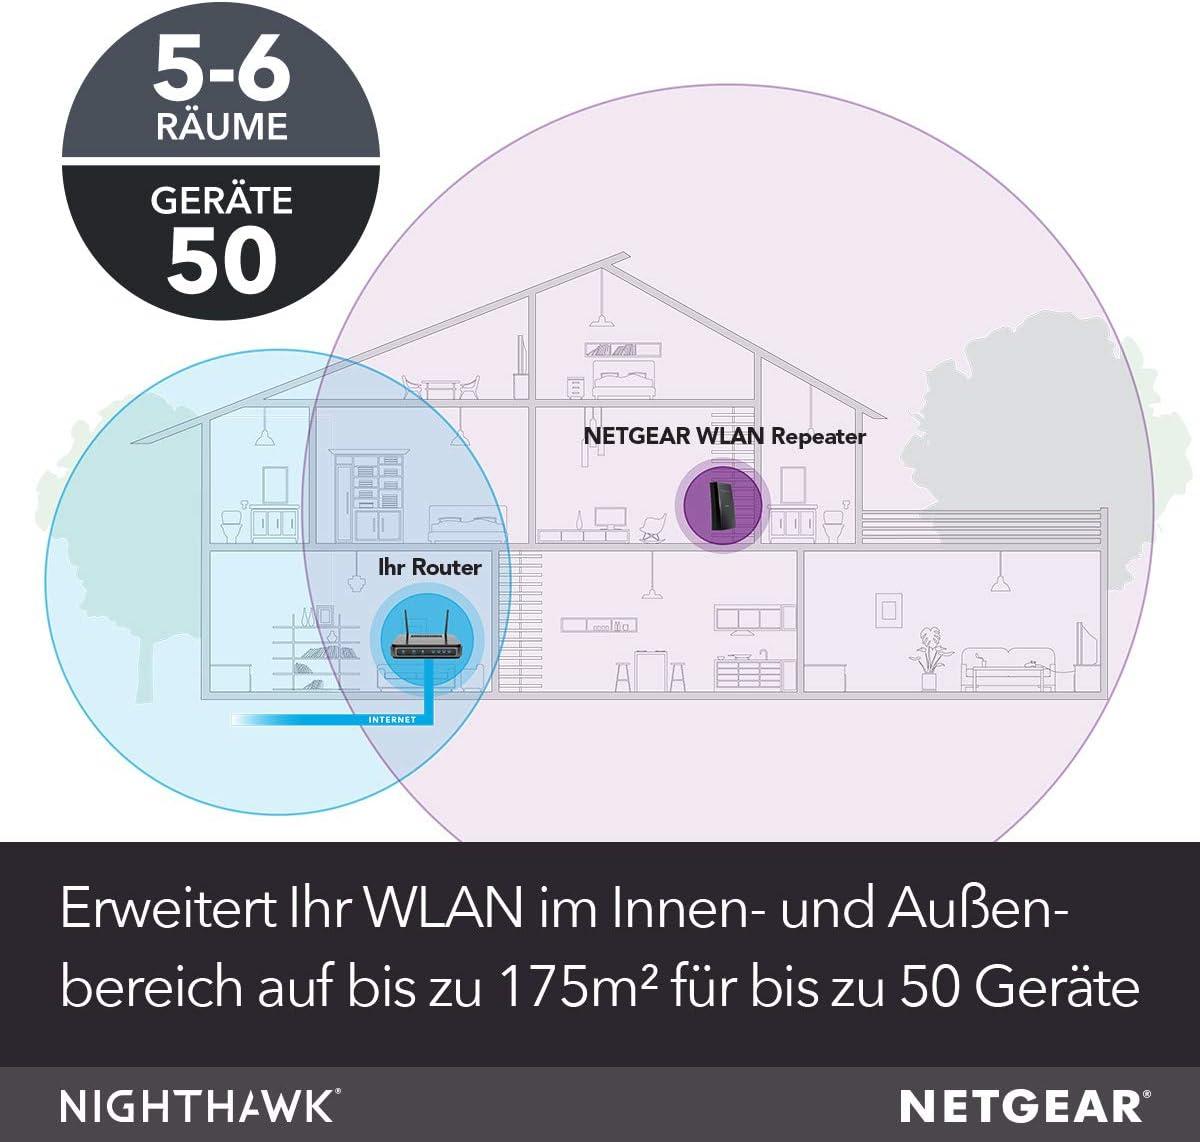 Netgear Wlan Mesh Repeater Ex8000 Wlan Verstärker Computer Zubehör